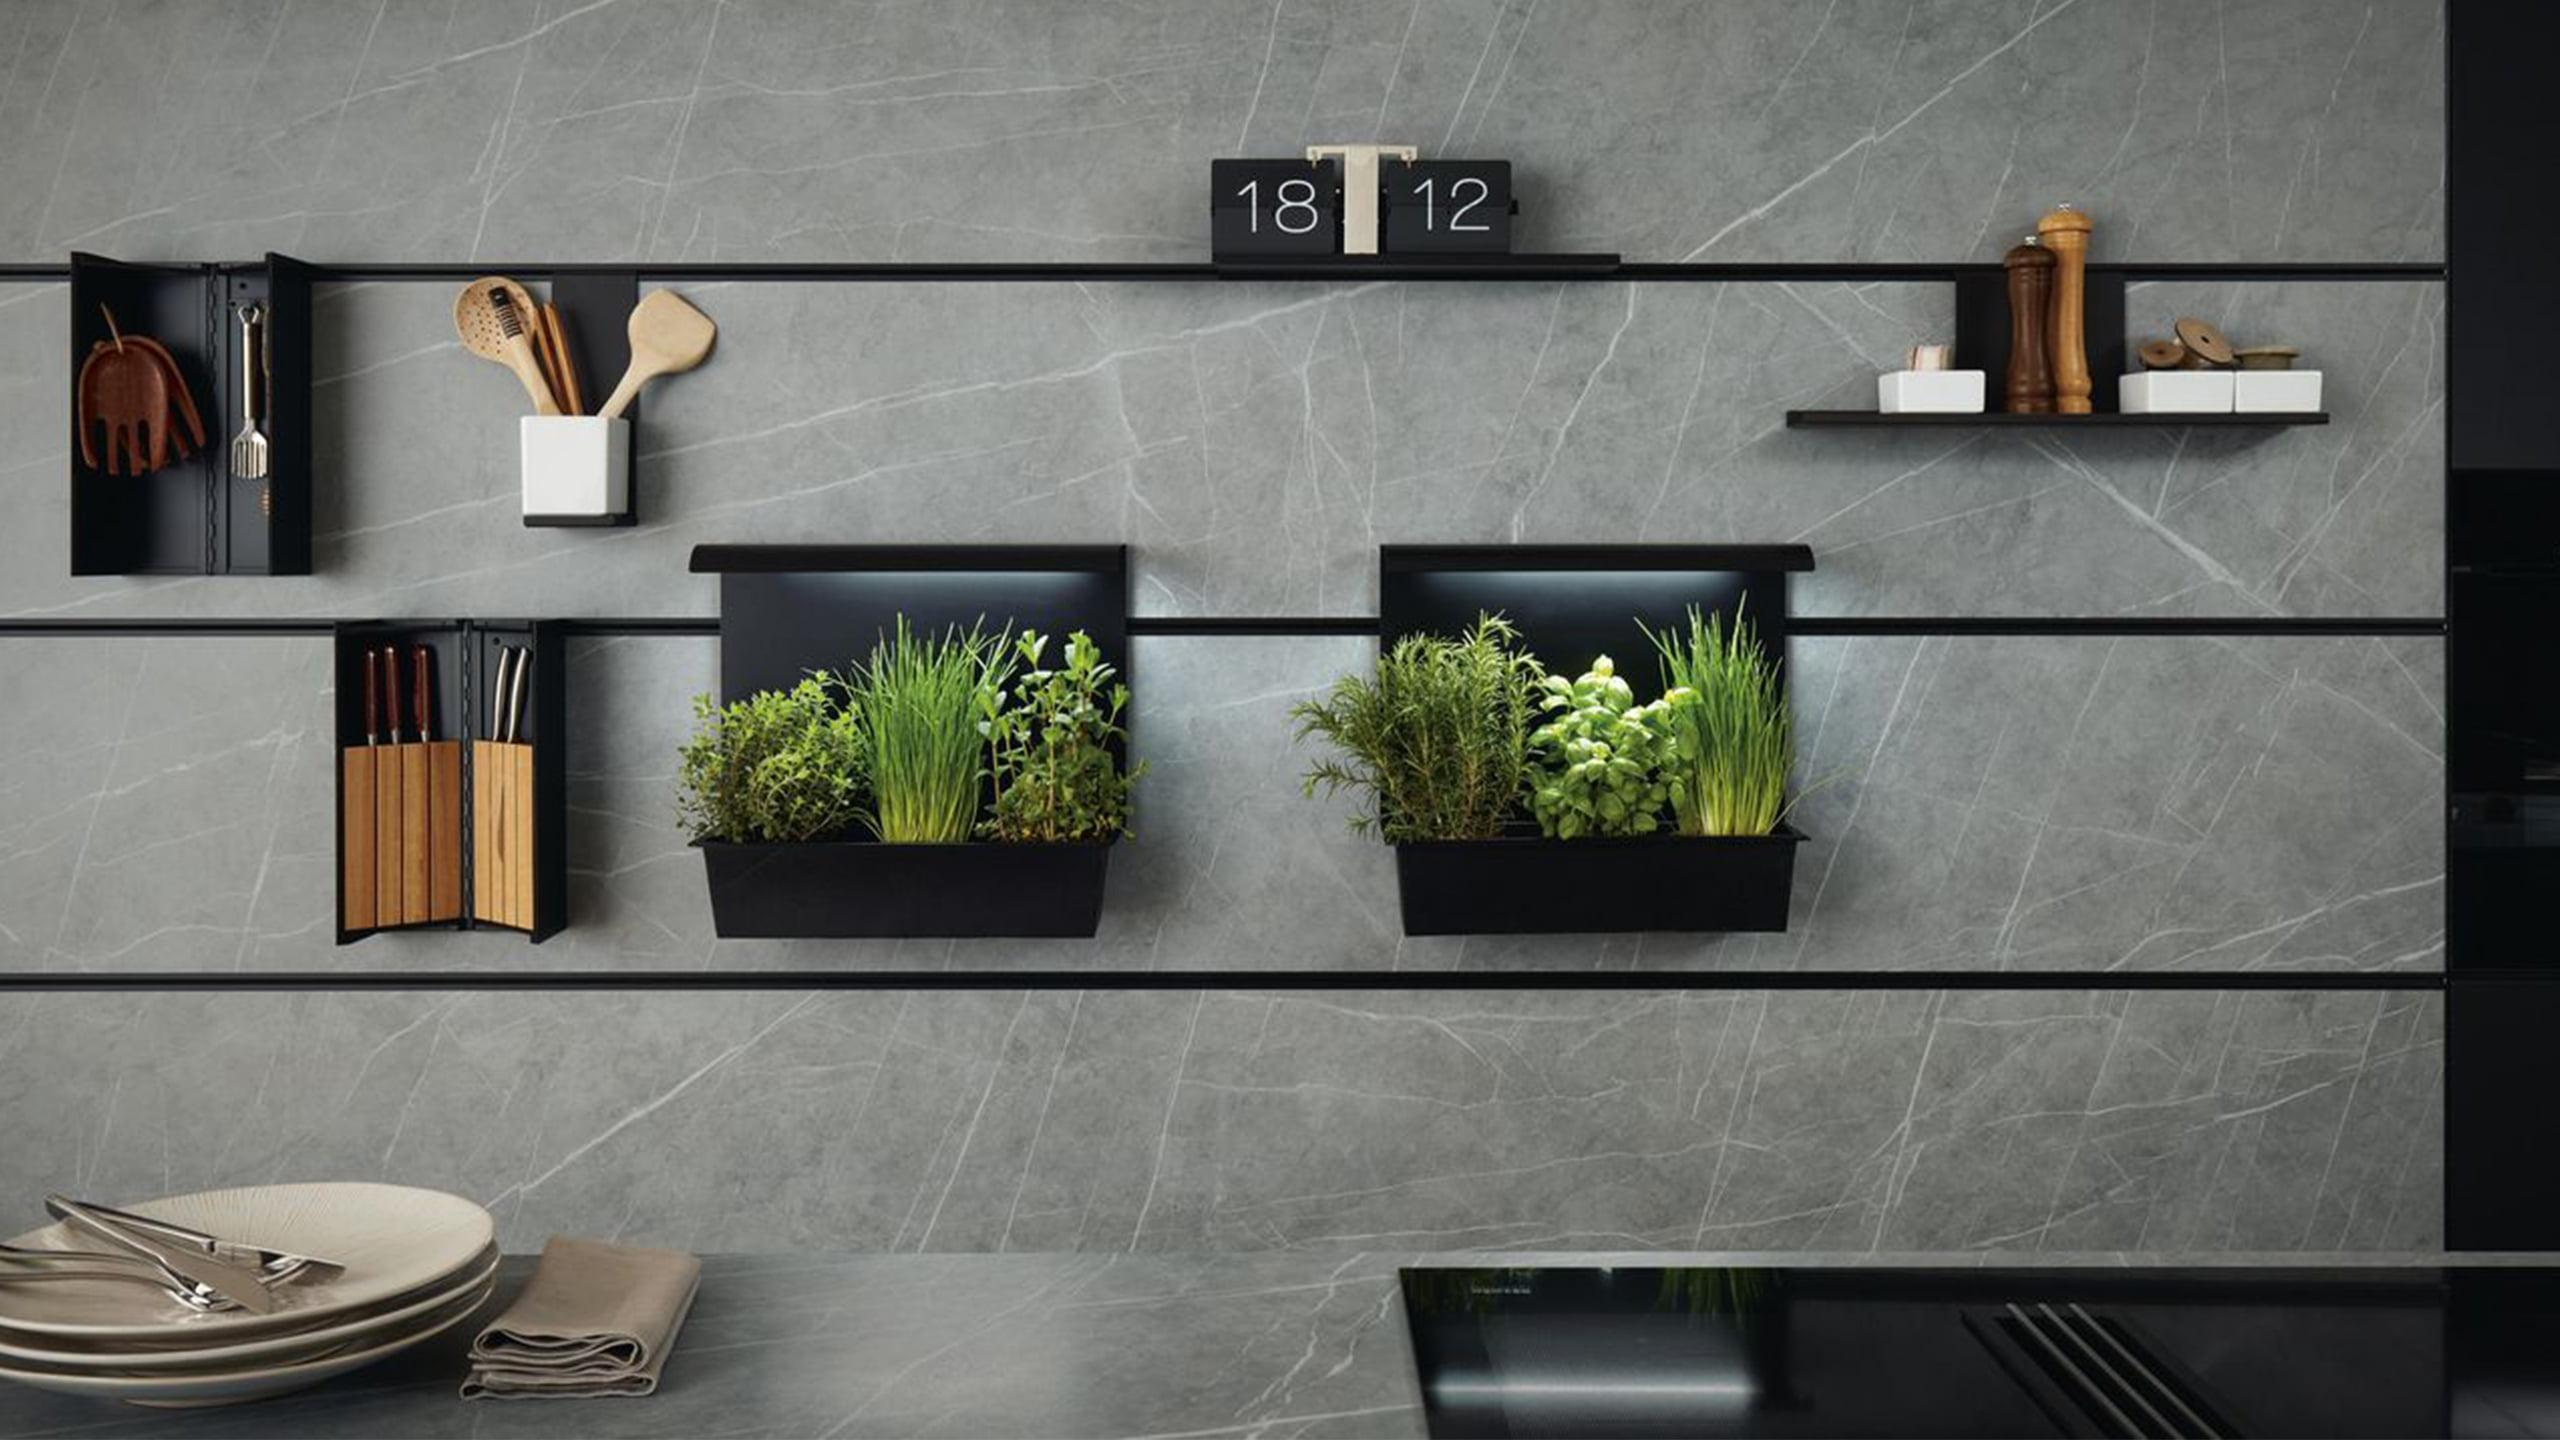 schwarzes next125 paneelsystem vor betonoptik rückwandpaneel mit kräutergarten messerblock und kochutensilienhalter